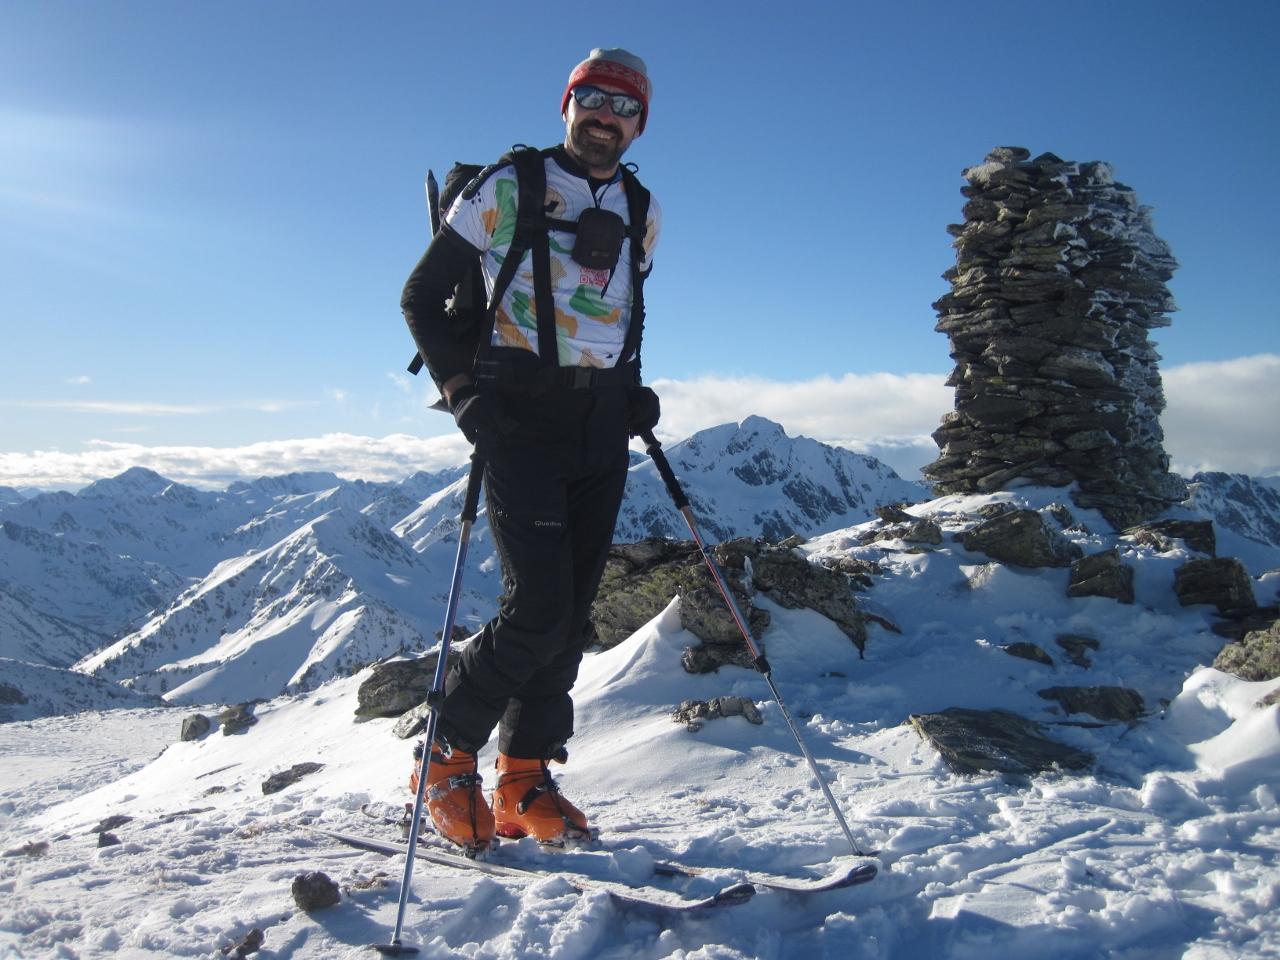 Esquí de fondo. Navafría. Febrero de 2018.